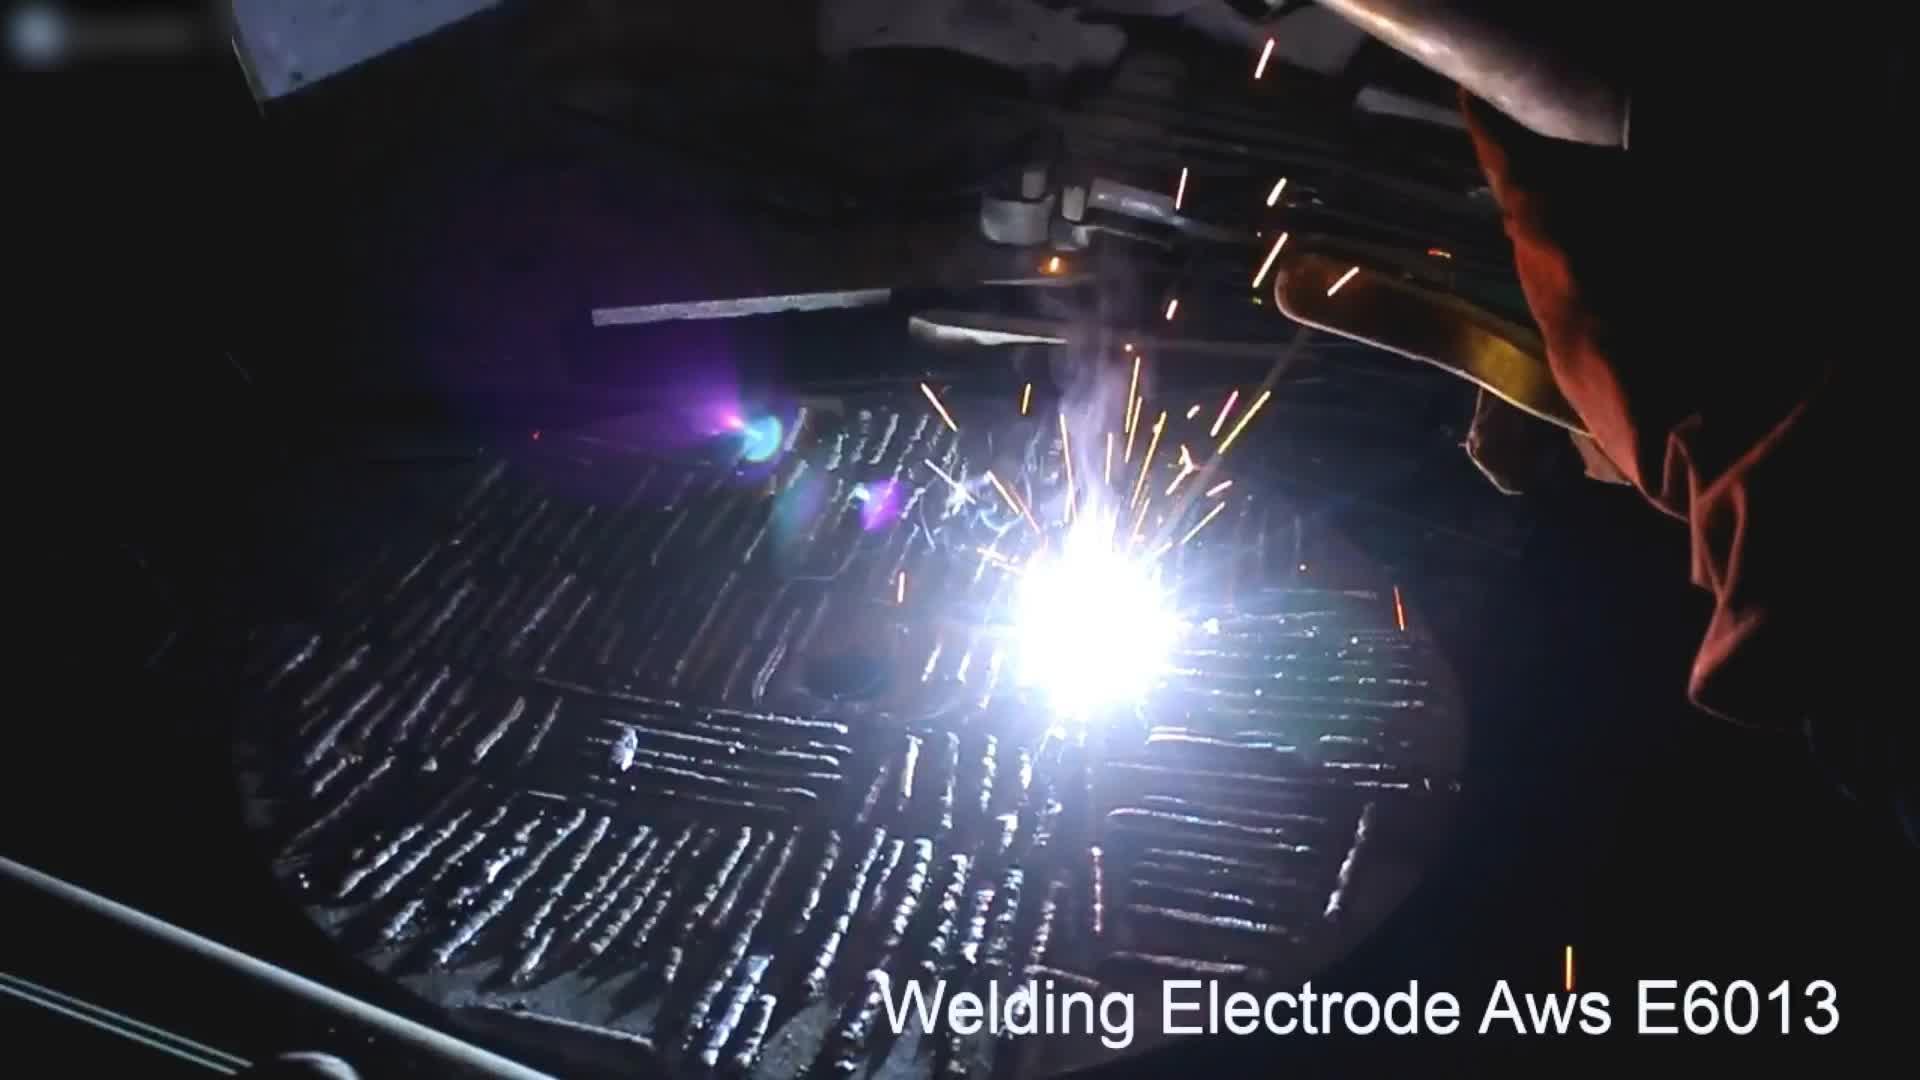 2.5 3.2 4.0mm welding electrode AWS E6013 300-450mm length rod